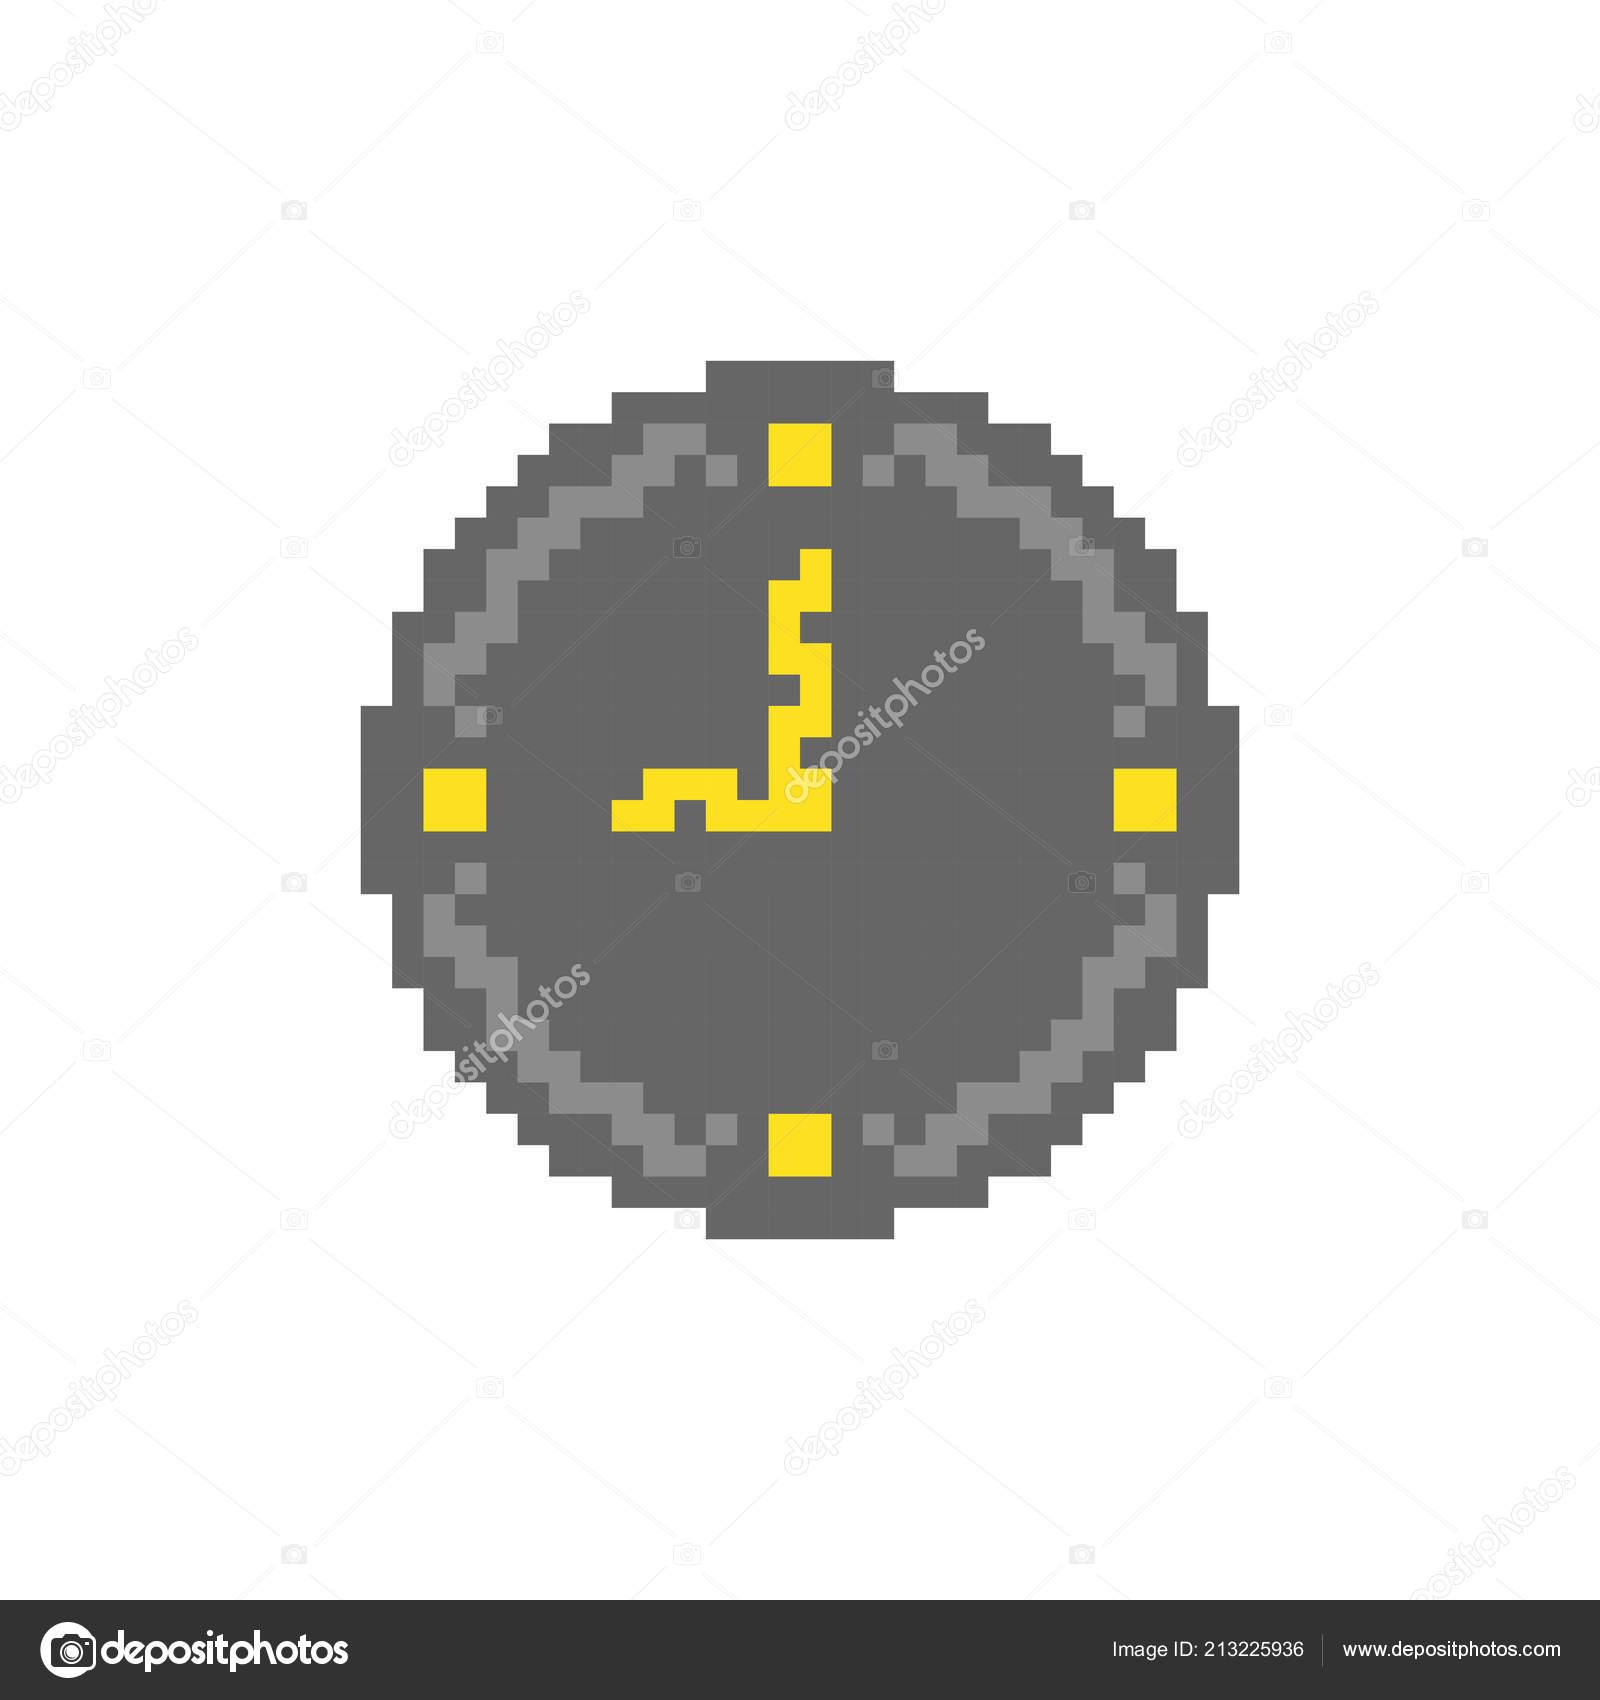 Icono Vectoriales Plano Reloj Imágenes — Archivo Pixel q3jAL54R